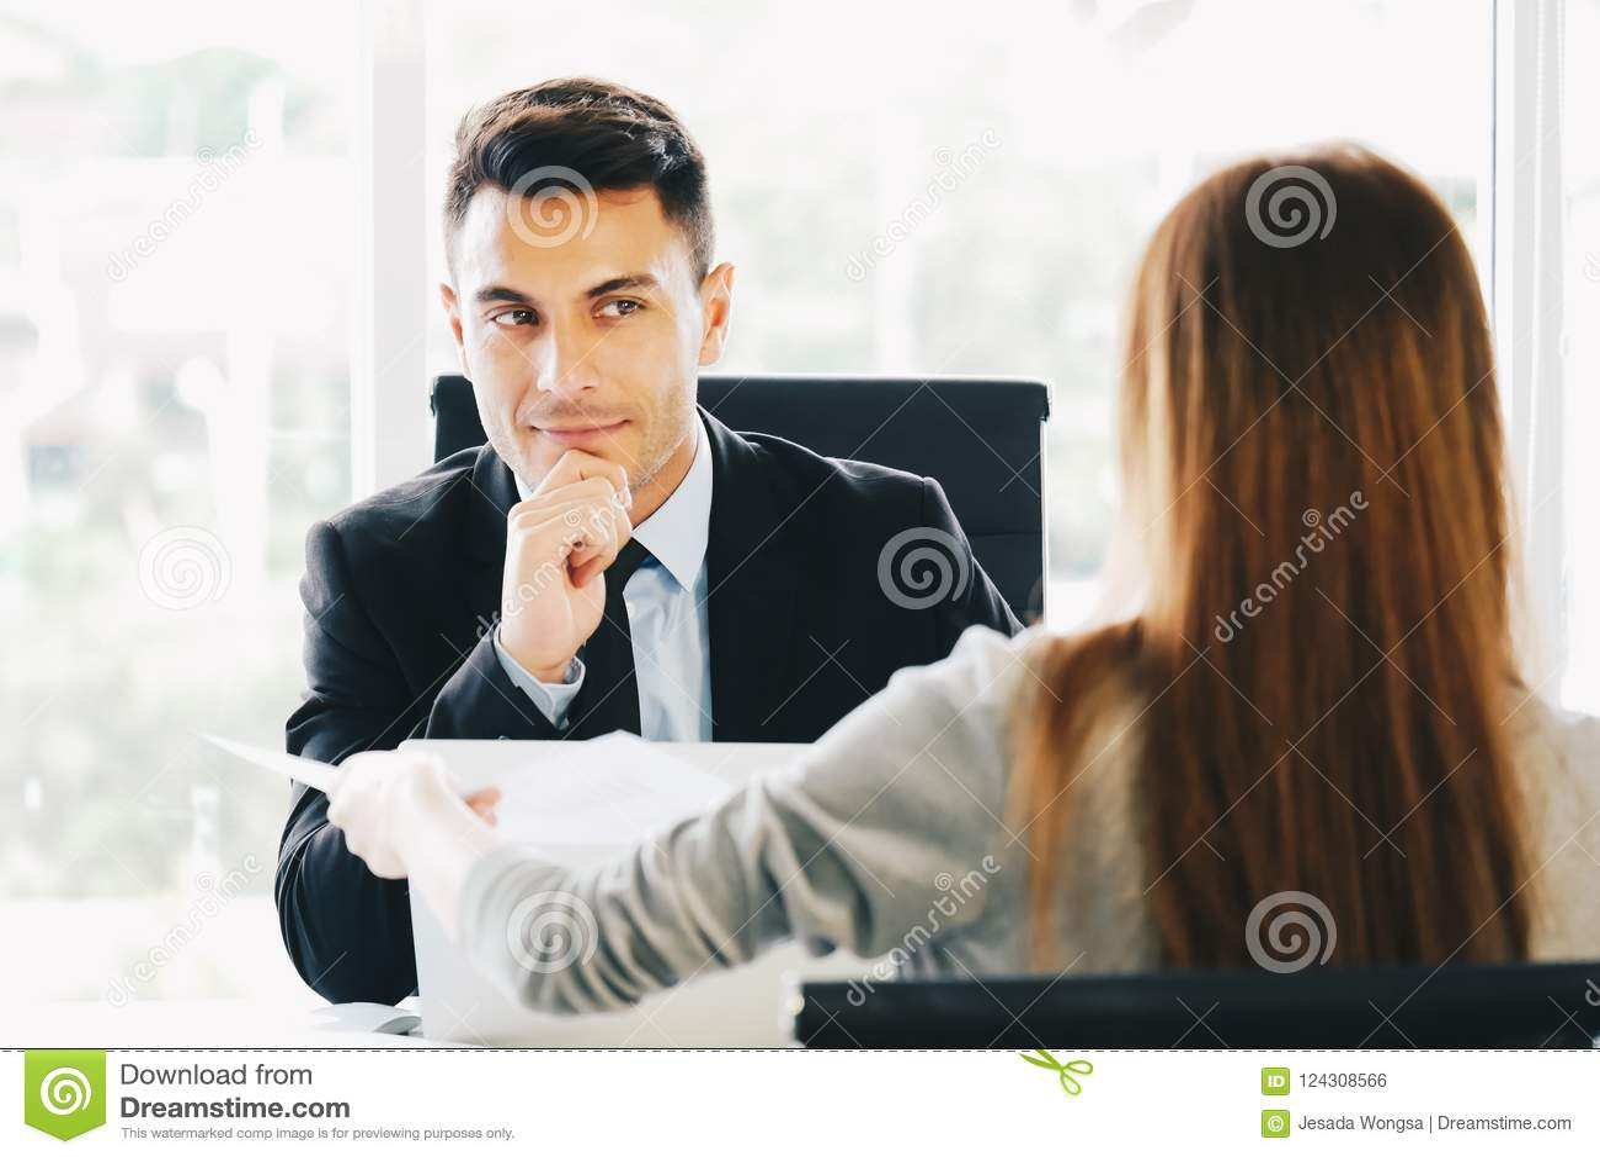 Applicera för nytt jobb, karriärtillfällebegrepp: Utövande representativa intervjuer för ledning eller för rekrytering